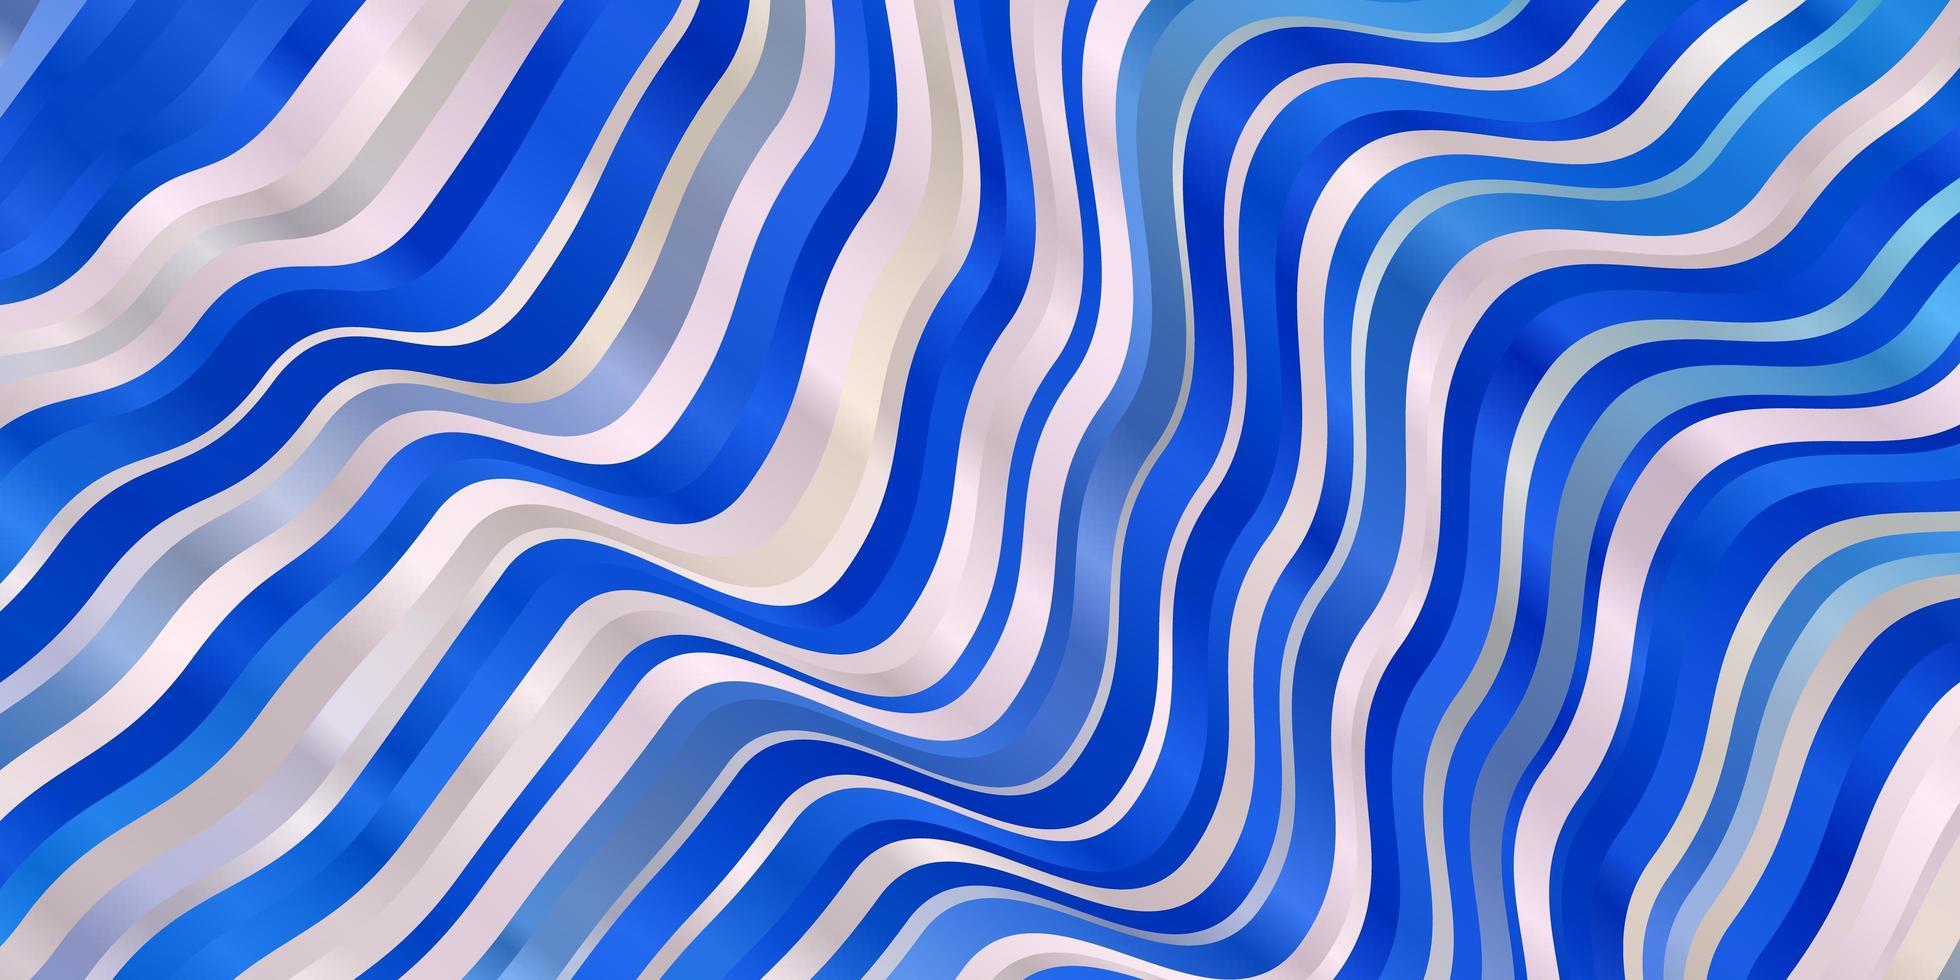 sfondo vettoriale rosa chiaro, blu con linee.